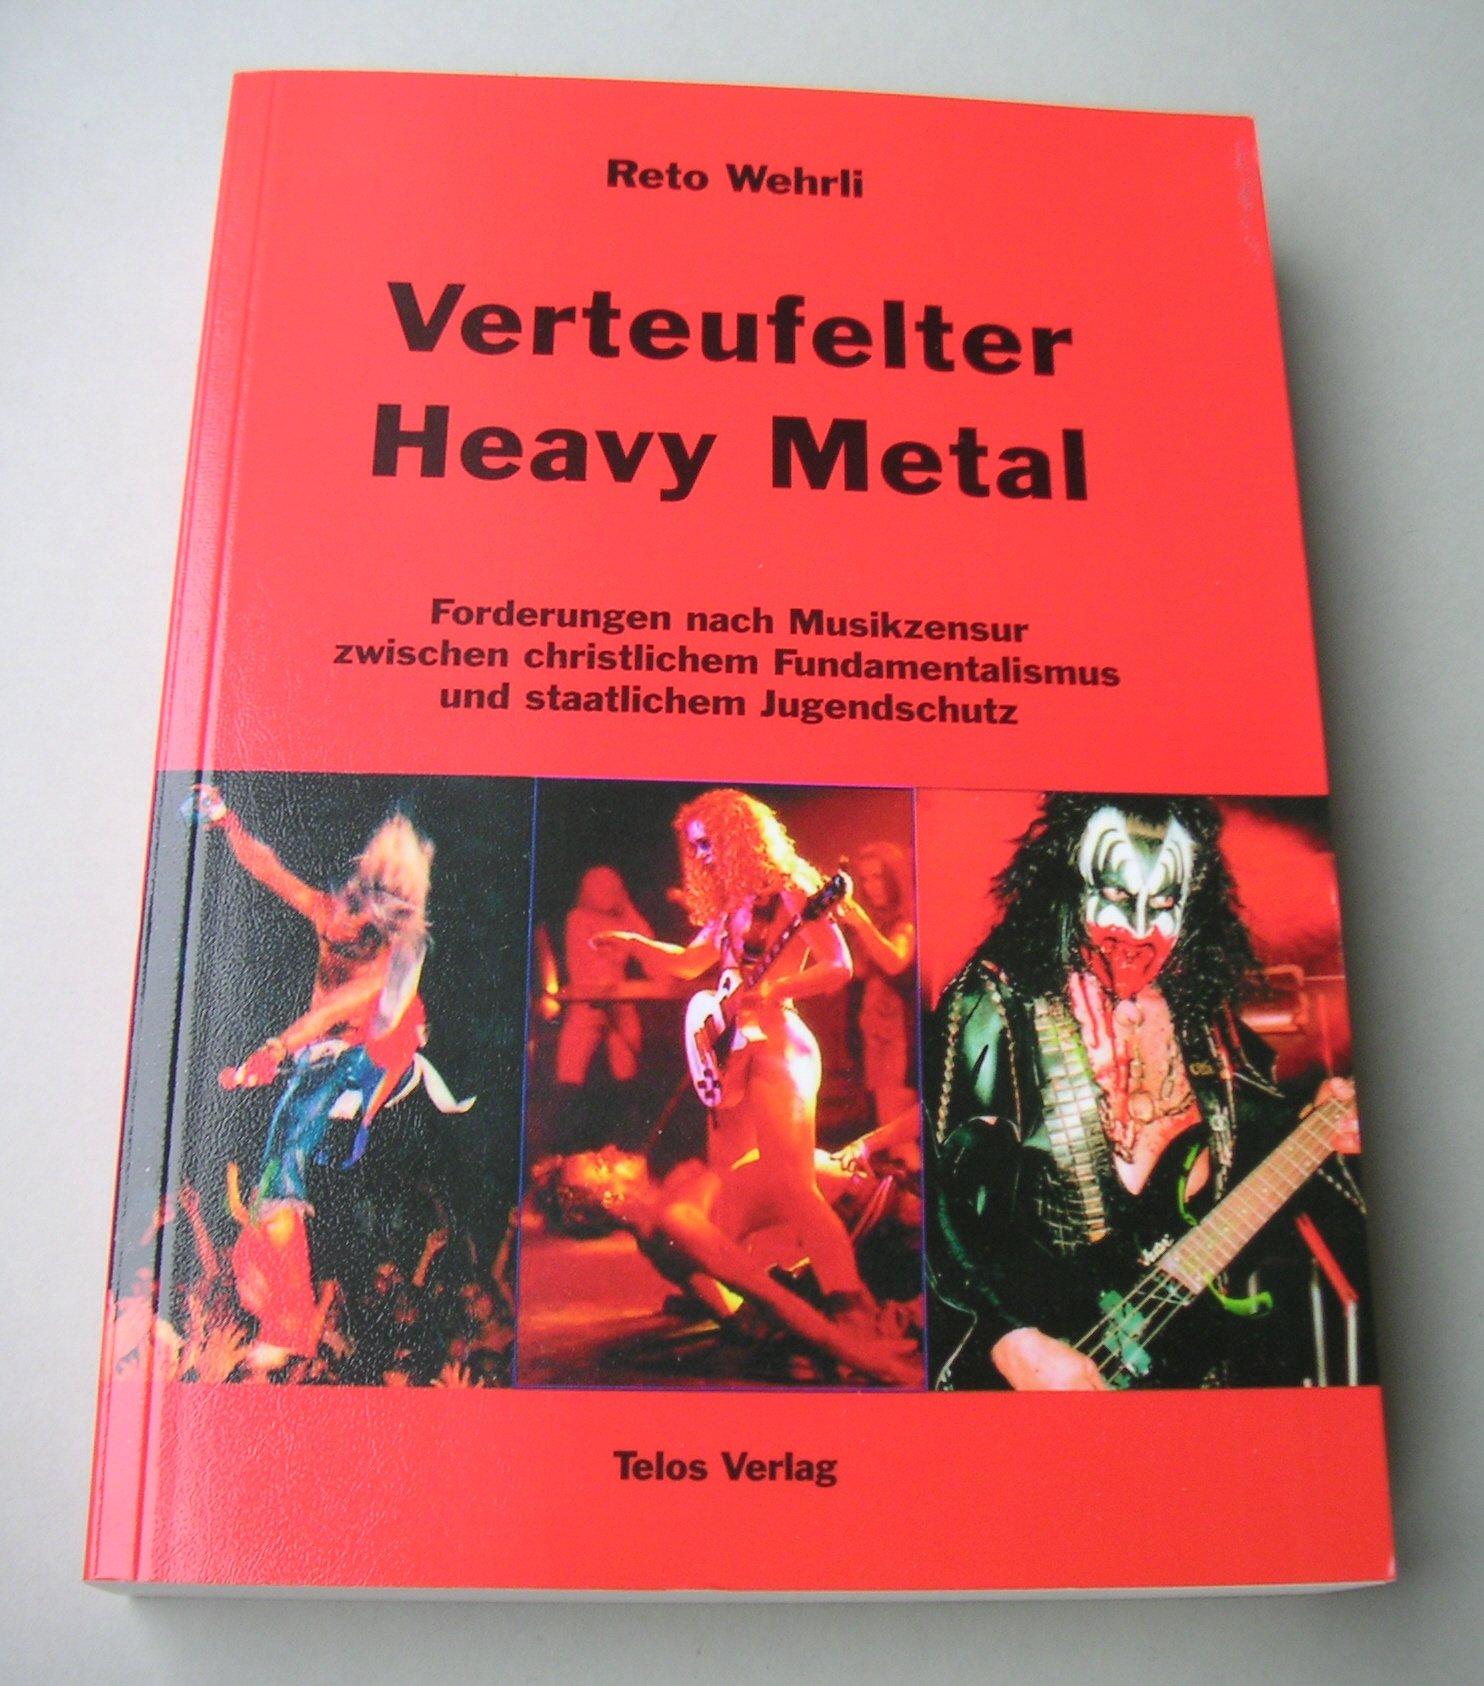 Verteufelter Heavy Metal. Forderungen nach Musikzensur zwischen christlichem Fundamentalismus und staatlichem Jugendschutz